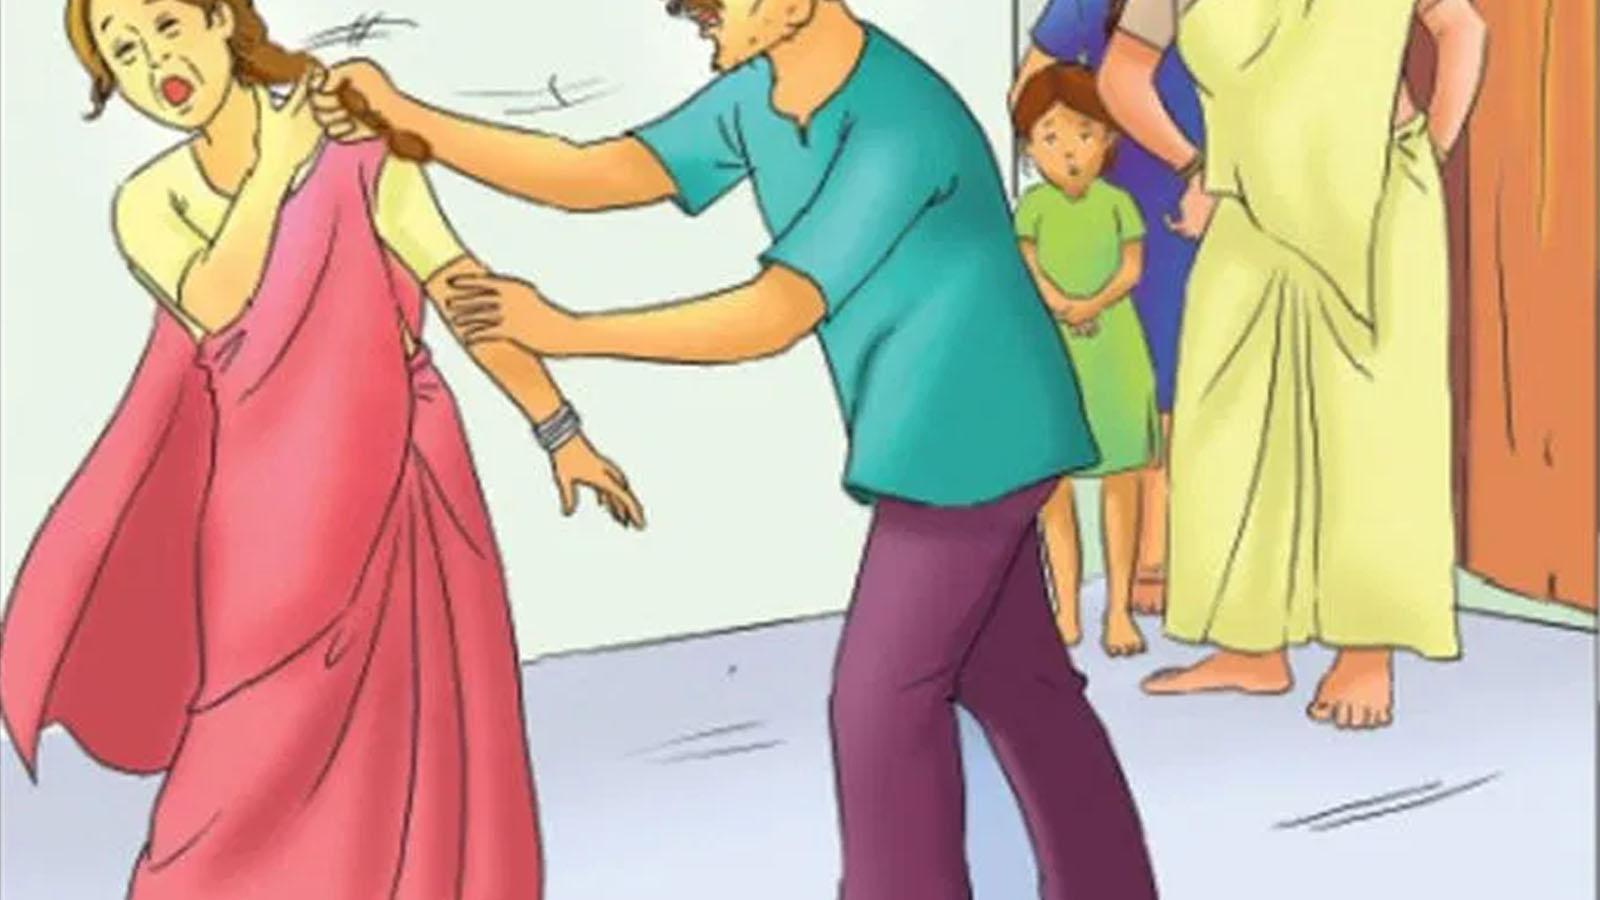 दाइजोमा ग्याँस चुलो नल्याएपछि वेहुलीमाथि निर्घात कुटपिट